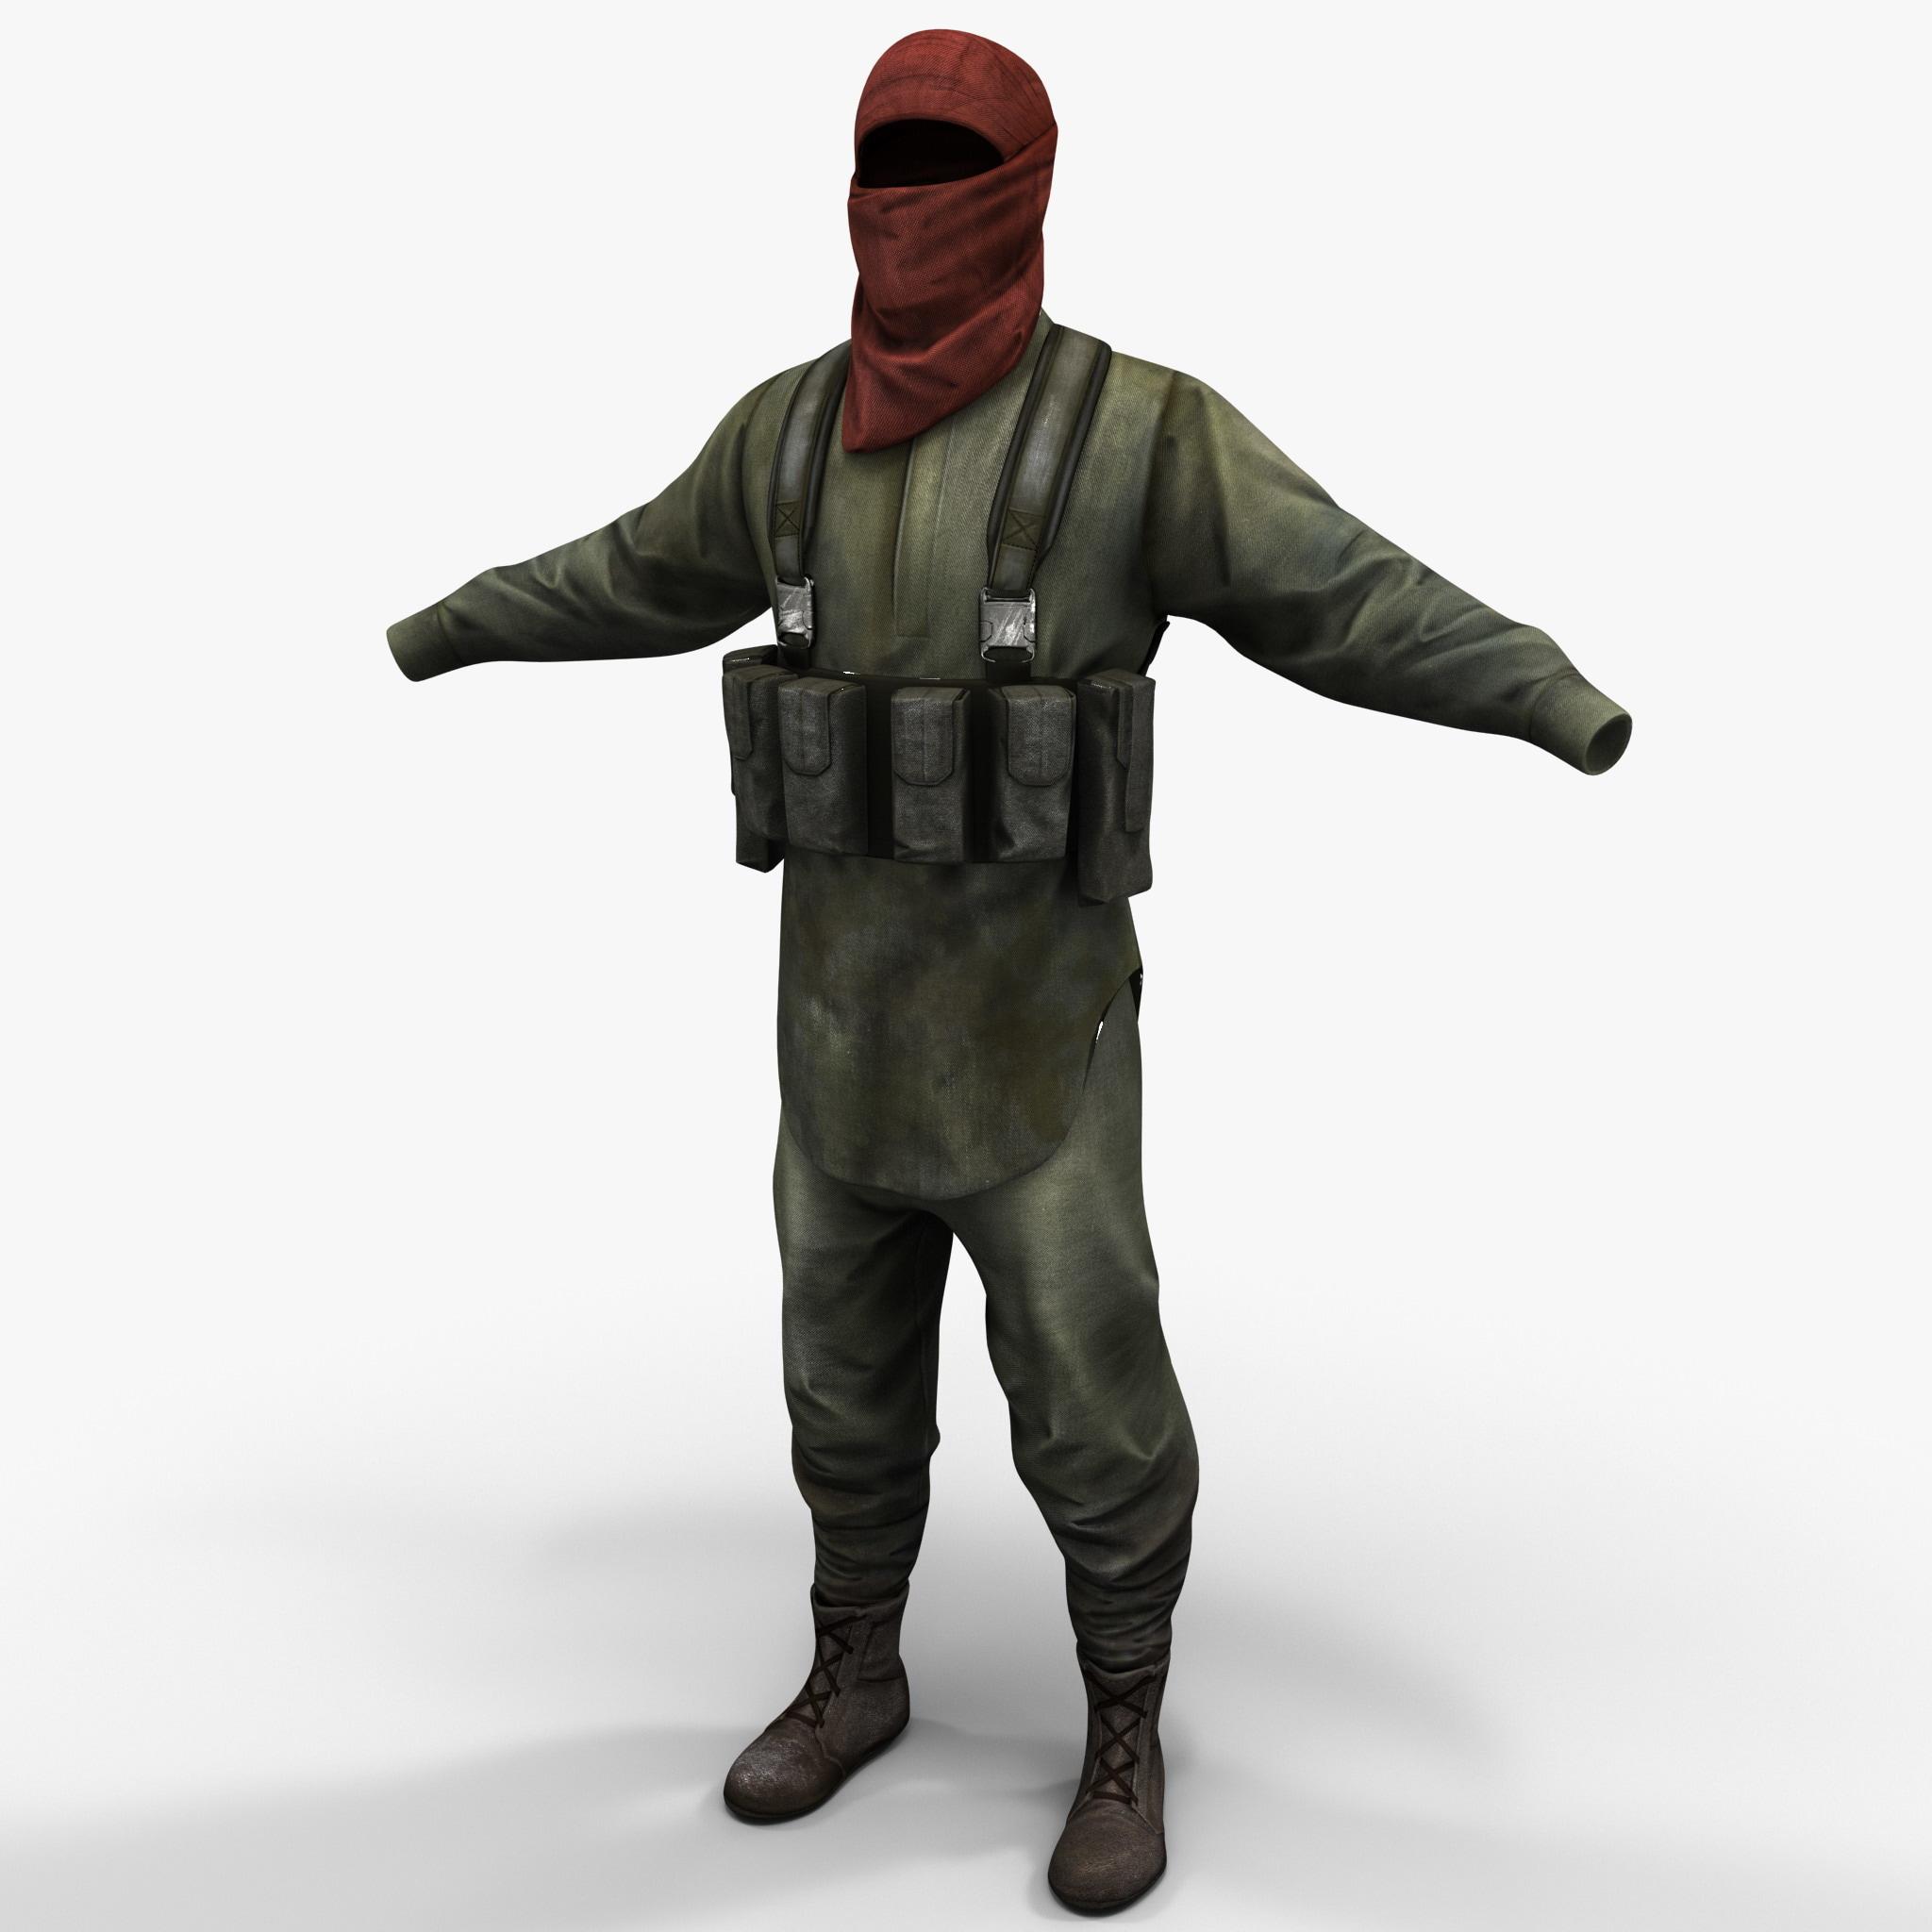 Guerrilla Soldier Clothes